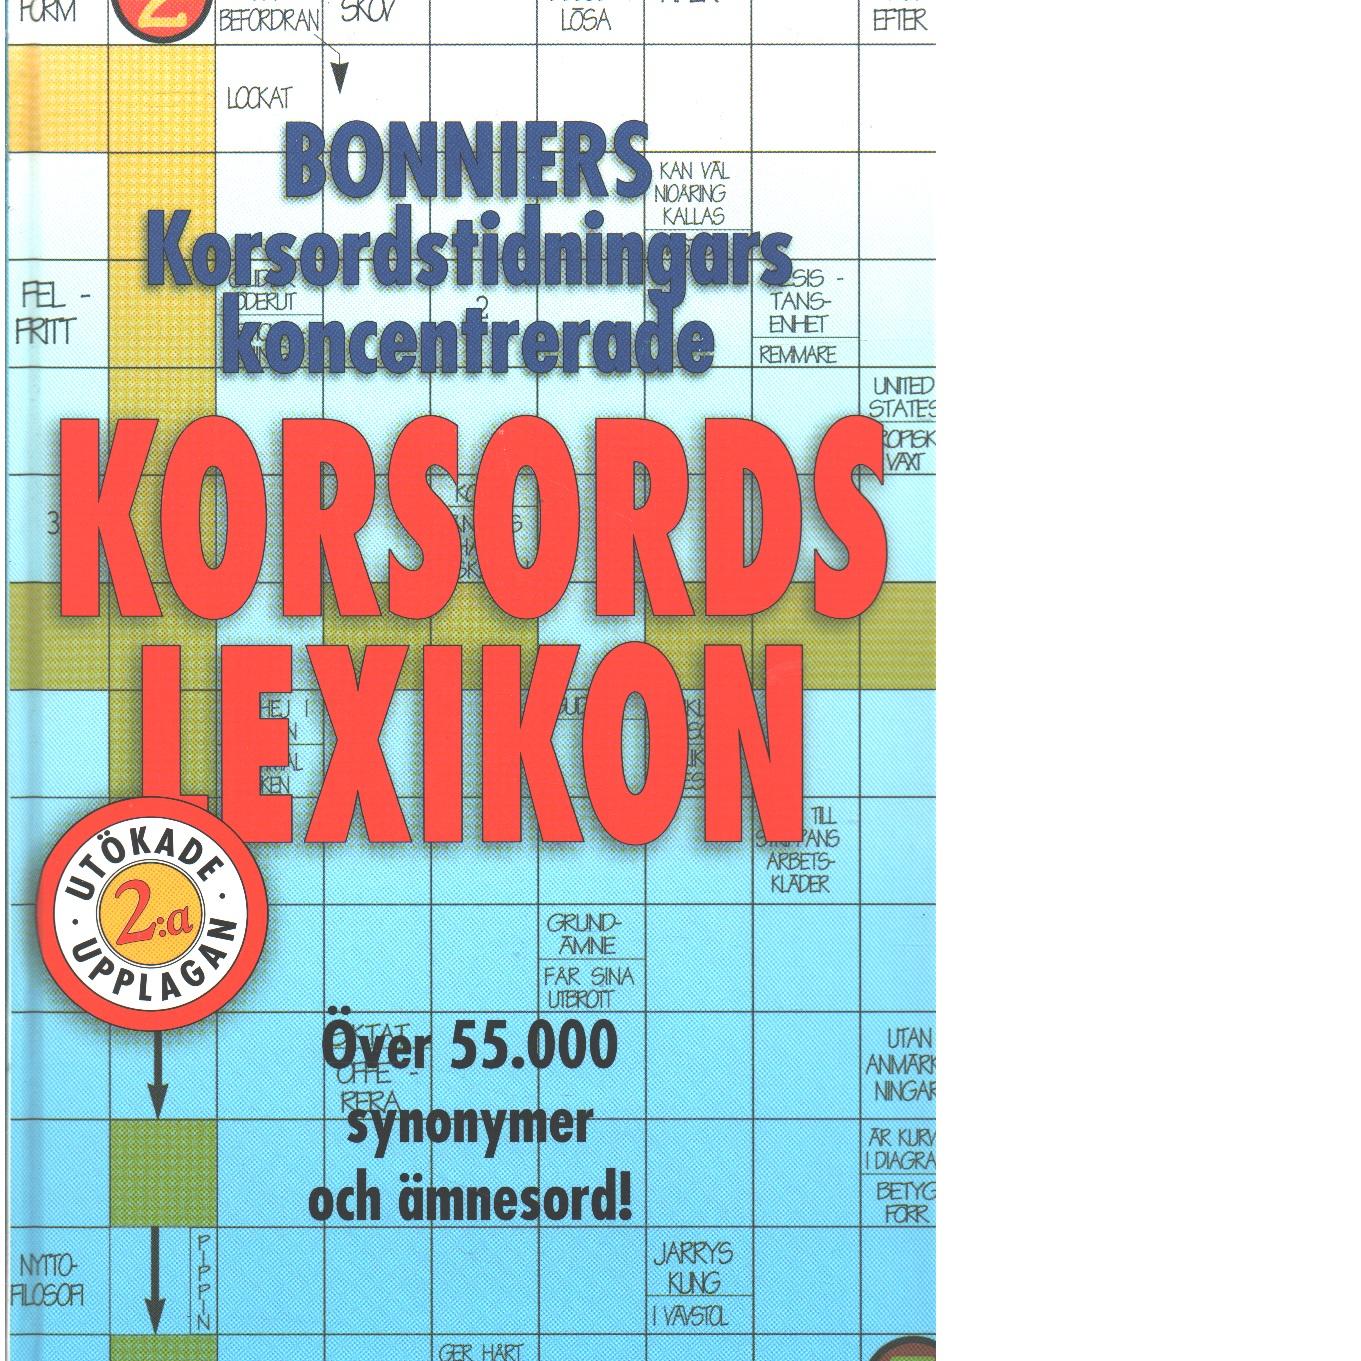 Bonniers korsordstidningars koncentrerade korsordslexikon : [över 55000 synomymer och ämnesord!]  - Red.